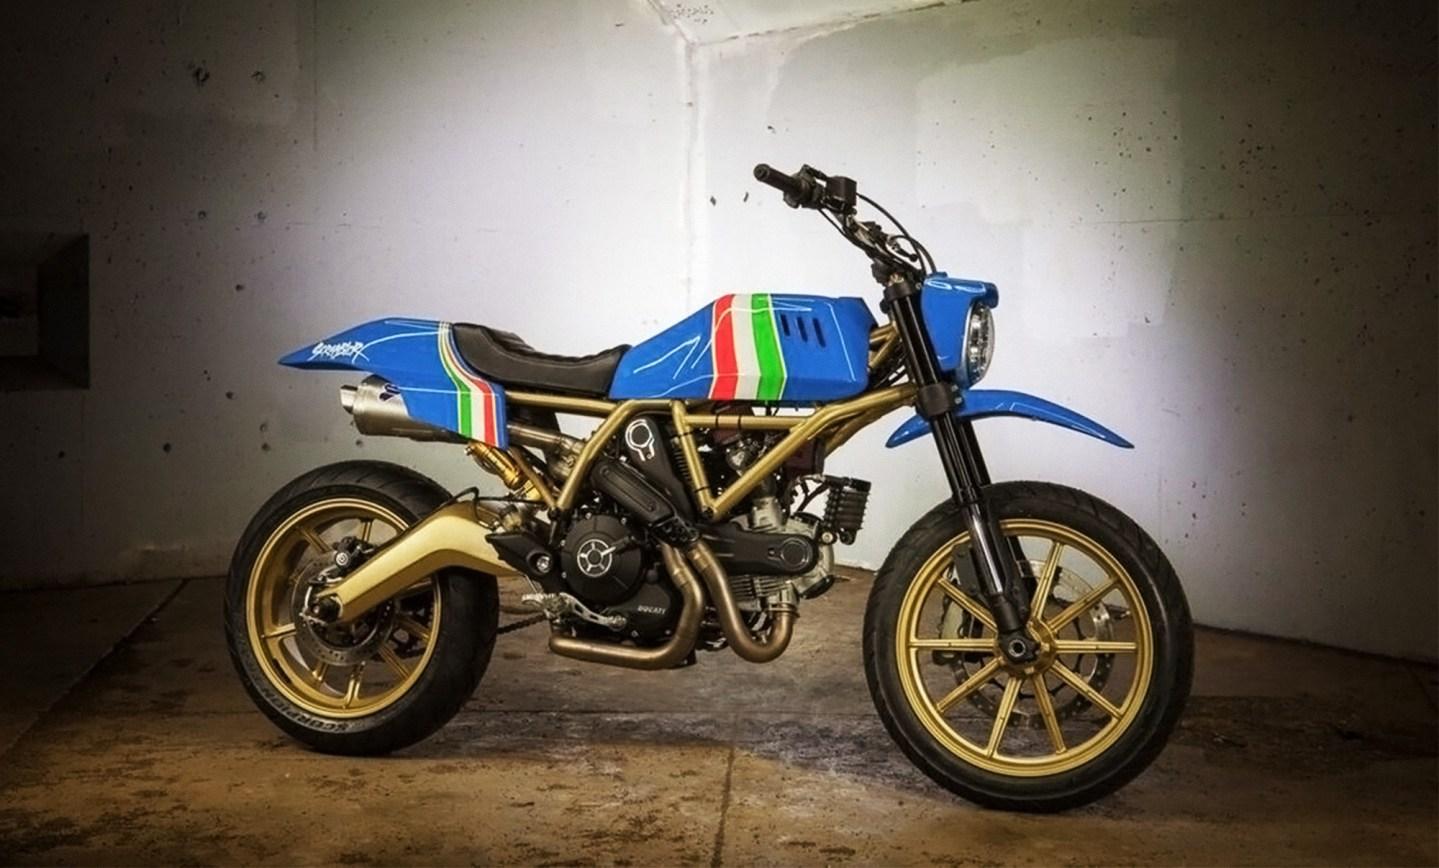 Criatividade na customização da linha Scrambler da Ducati